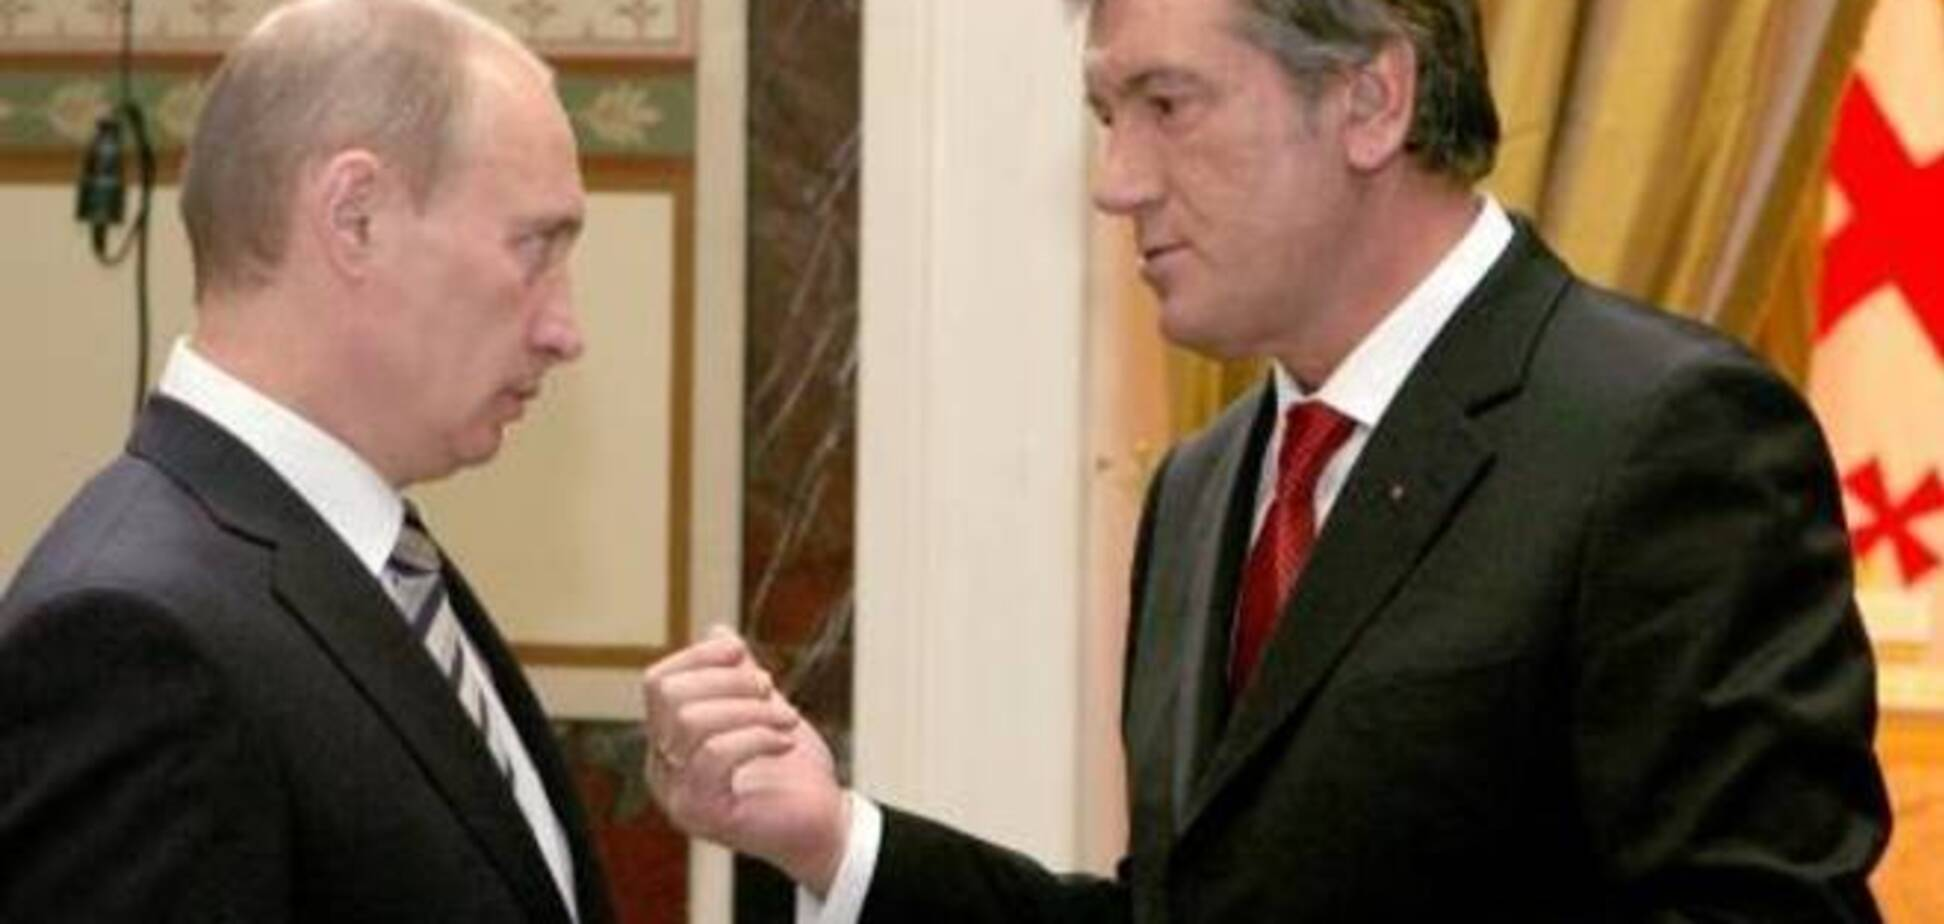 Виктор Ющенко отмечает 61-летие: 10 громких цитат и лучшие фото